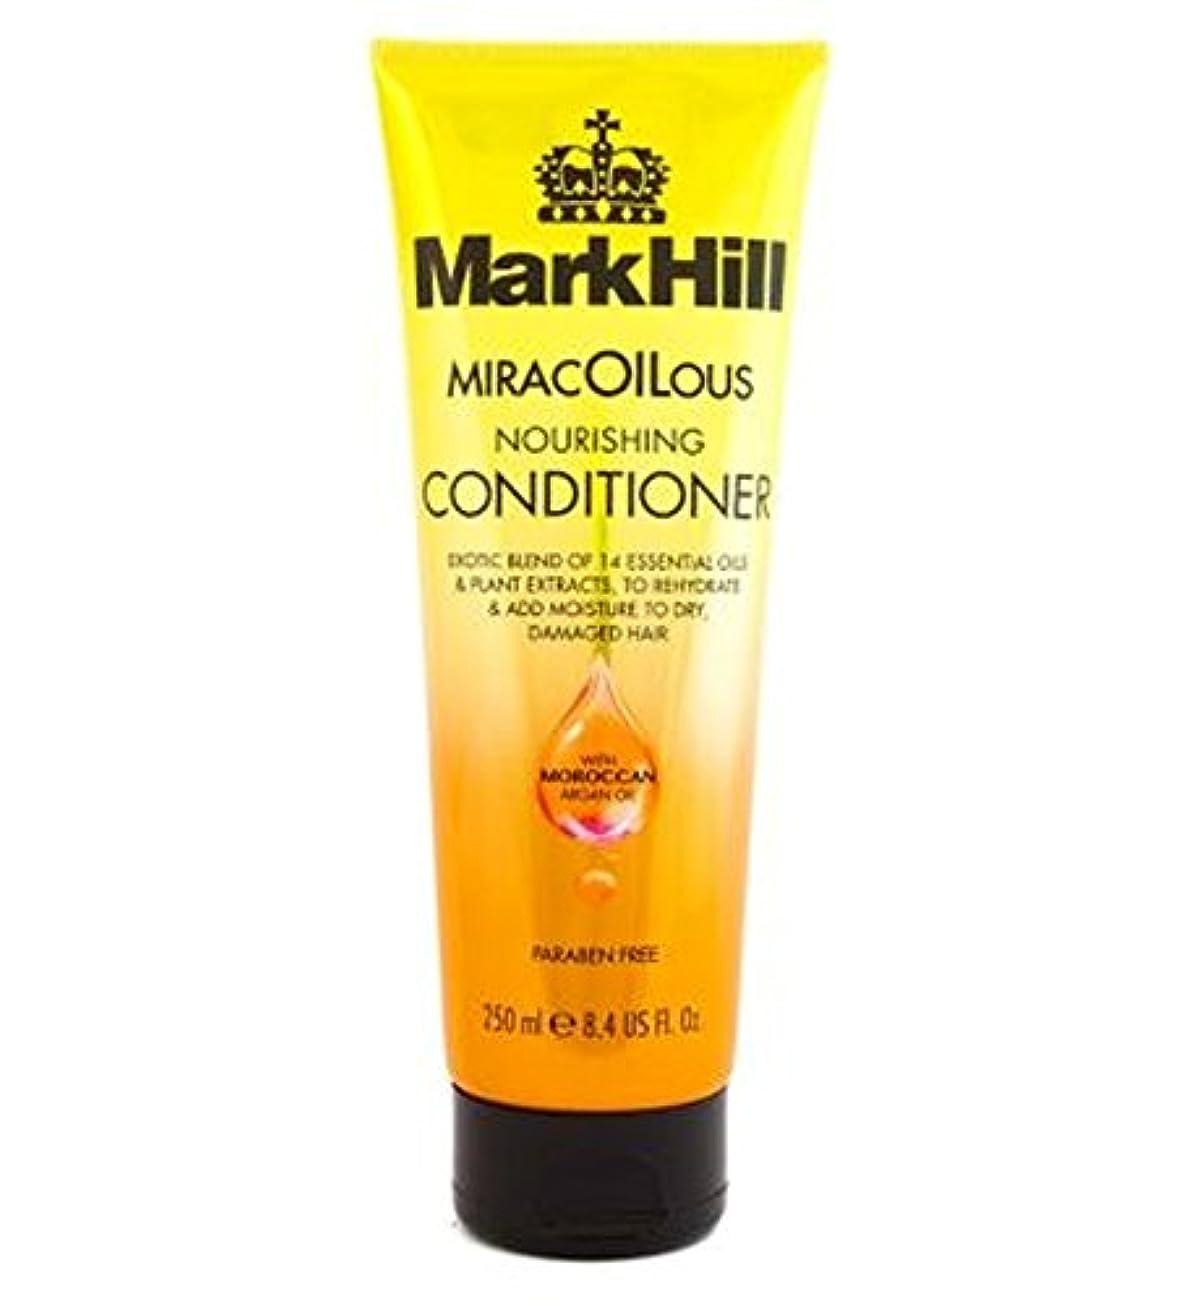 縫い目ハードウェア競争Mark Hill MiracOILicious Conditioner 250ml - マーク丘Miracoiliciousコンディショナー250Ml (Mark Hill) [並行輸入品]